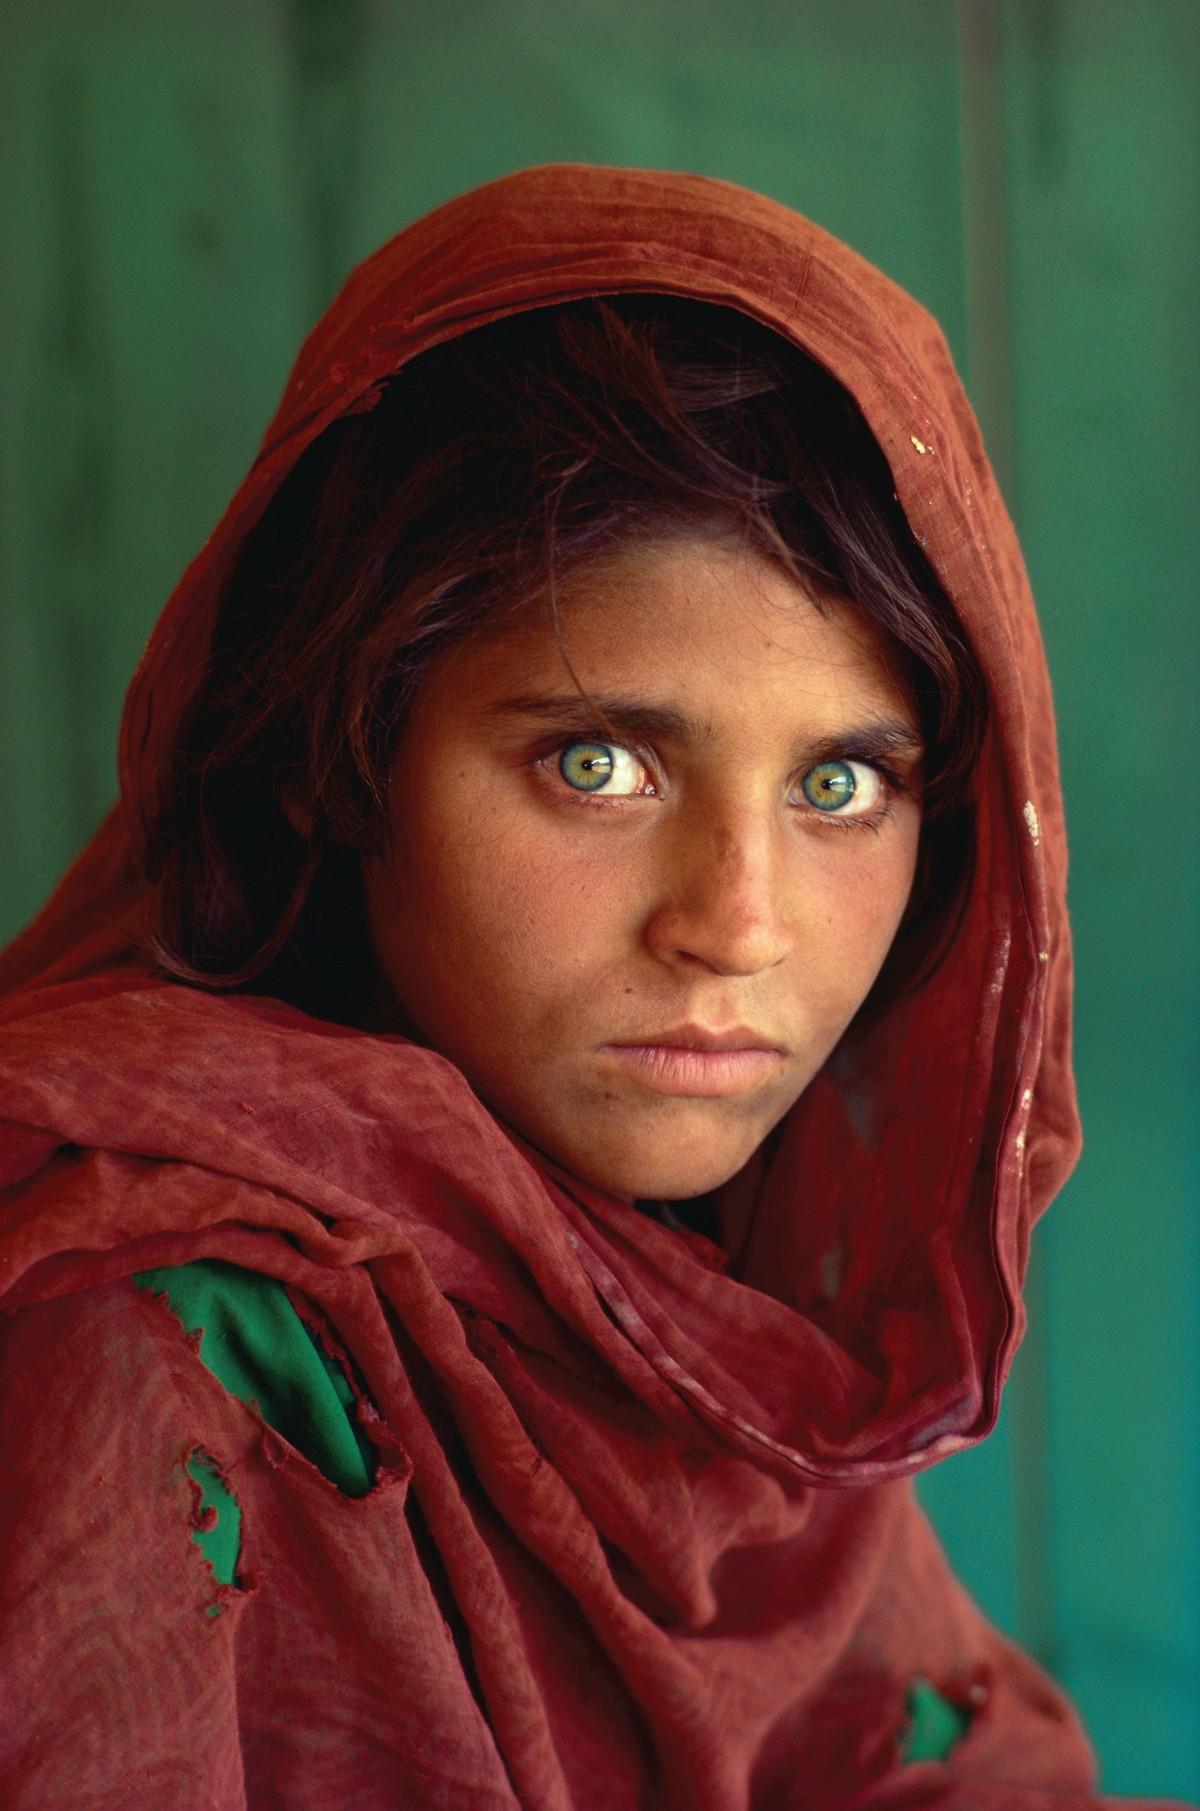 Автор «Афганской девочки» знакомит нас с планетой Земля